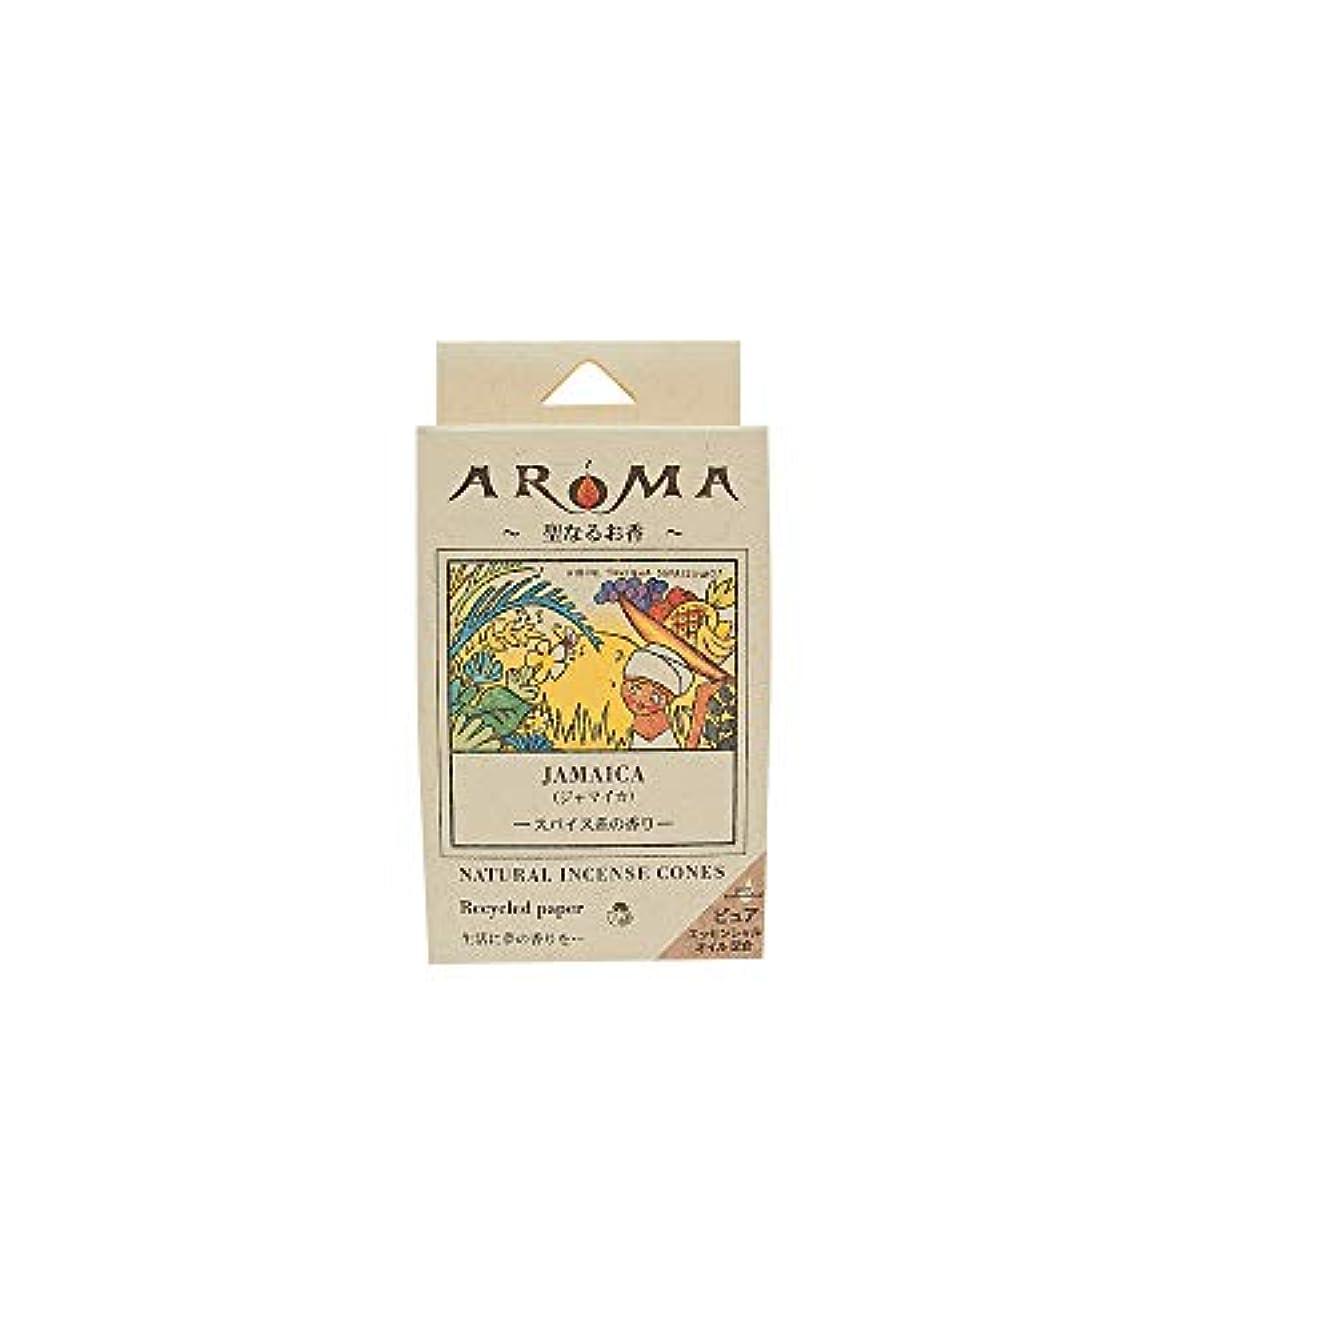 主流レビュアー必需品アロマ香 ジャマイカ 16粒(コーンタイプインセンス 1粒の燃焼時間約20分 スパイス系の香り)